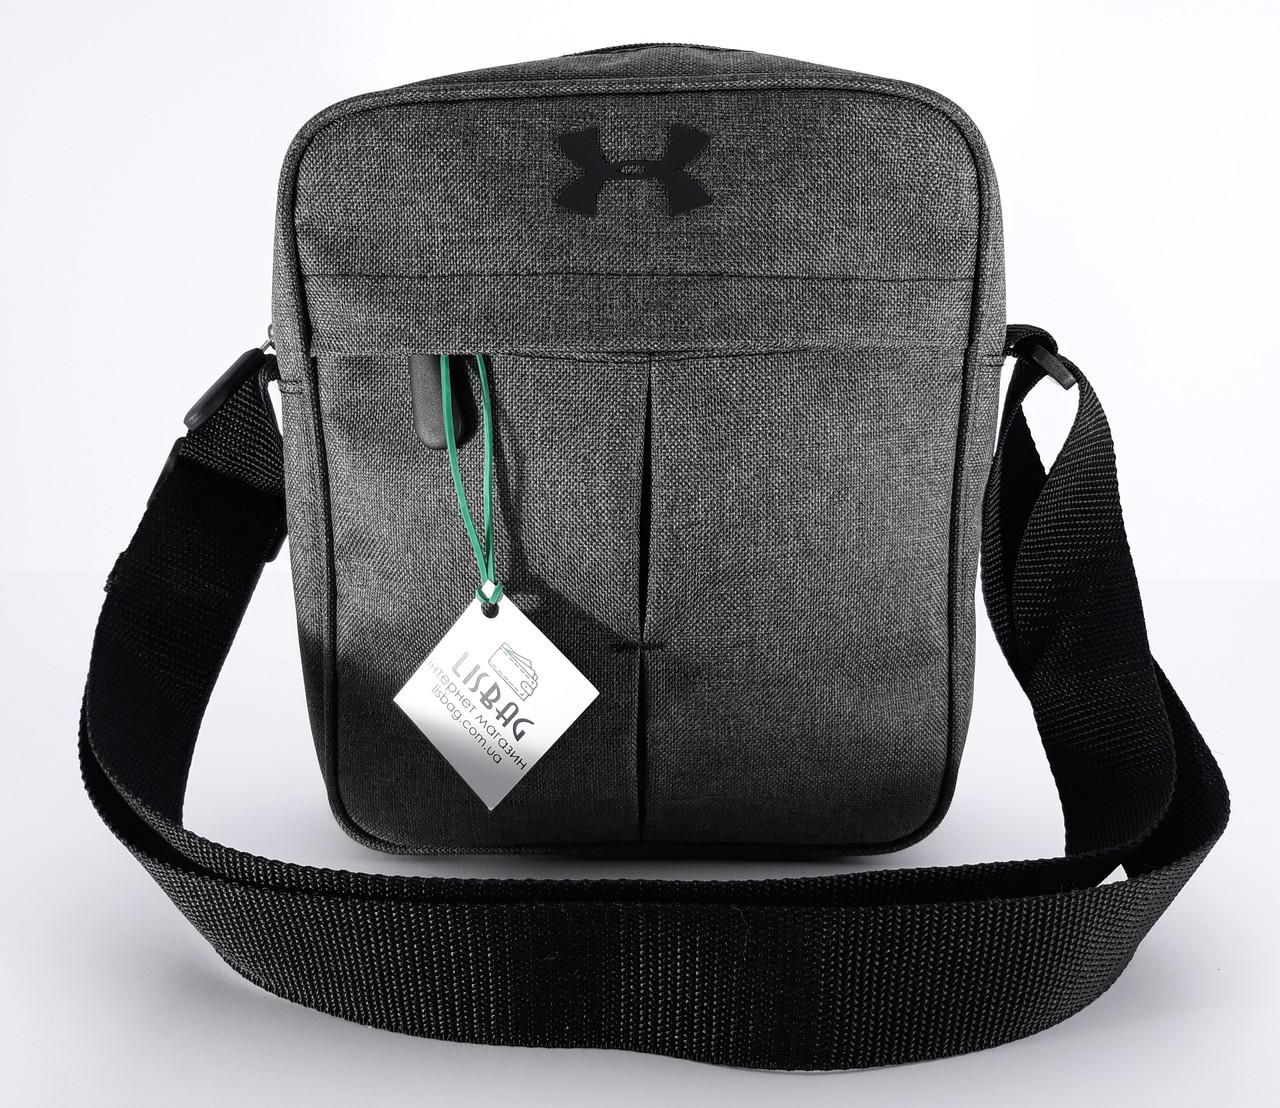 cf4787bf Мужская спортивная сумка мессенджер-планшетка-барсетка UNDER ARMOUR реплика  люкс качества